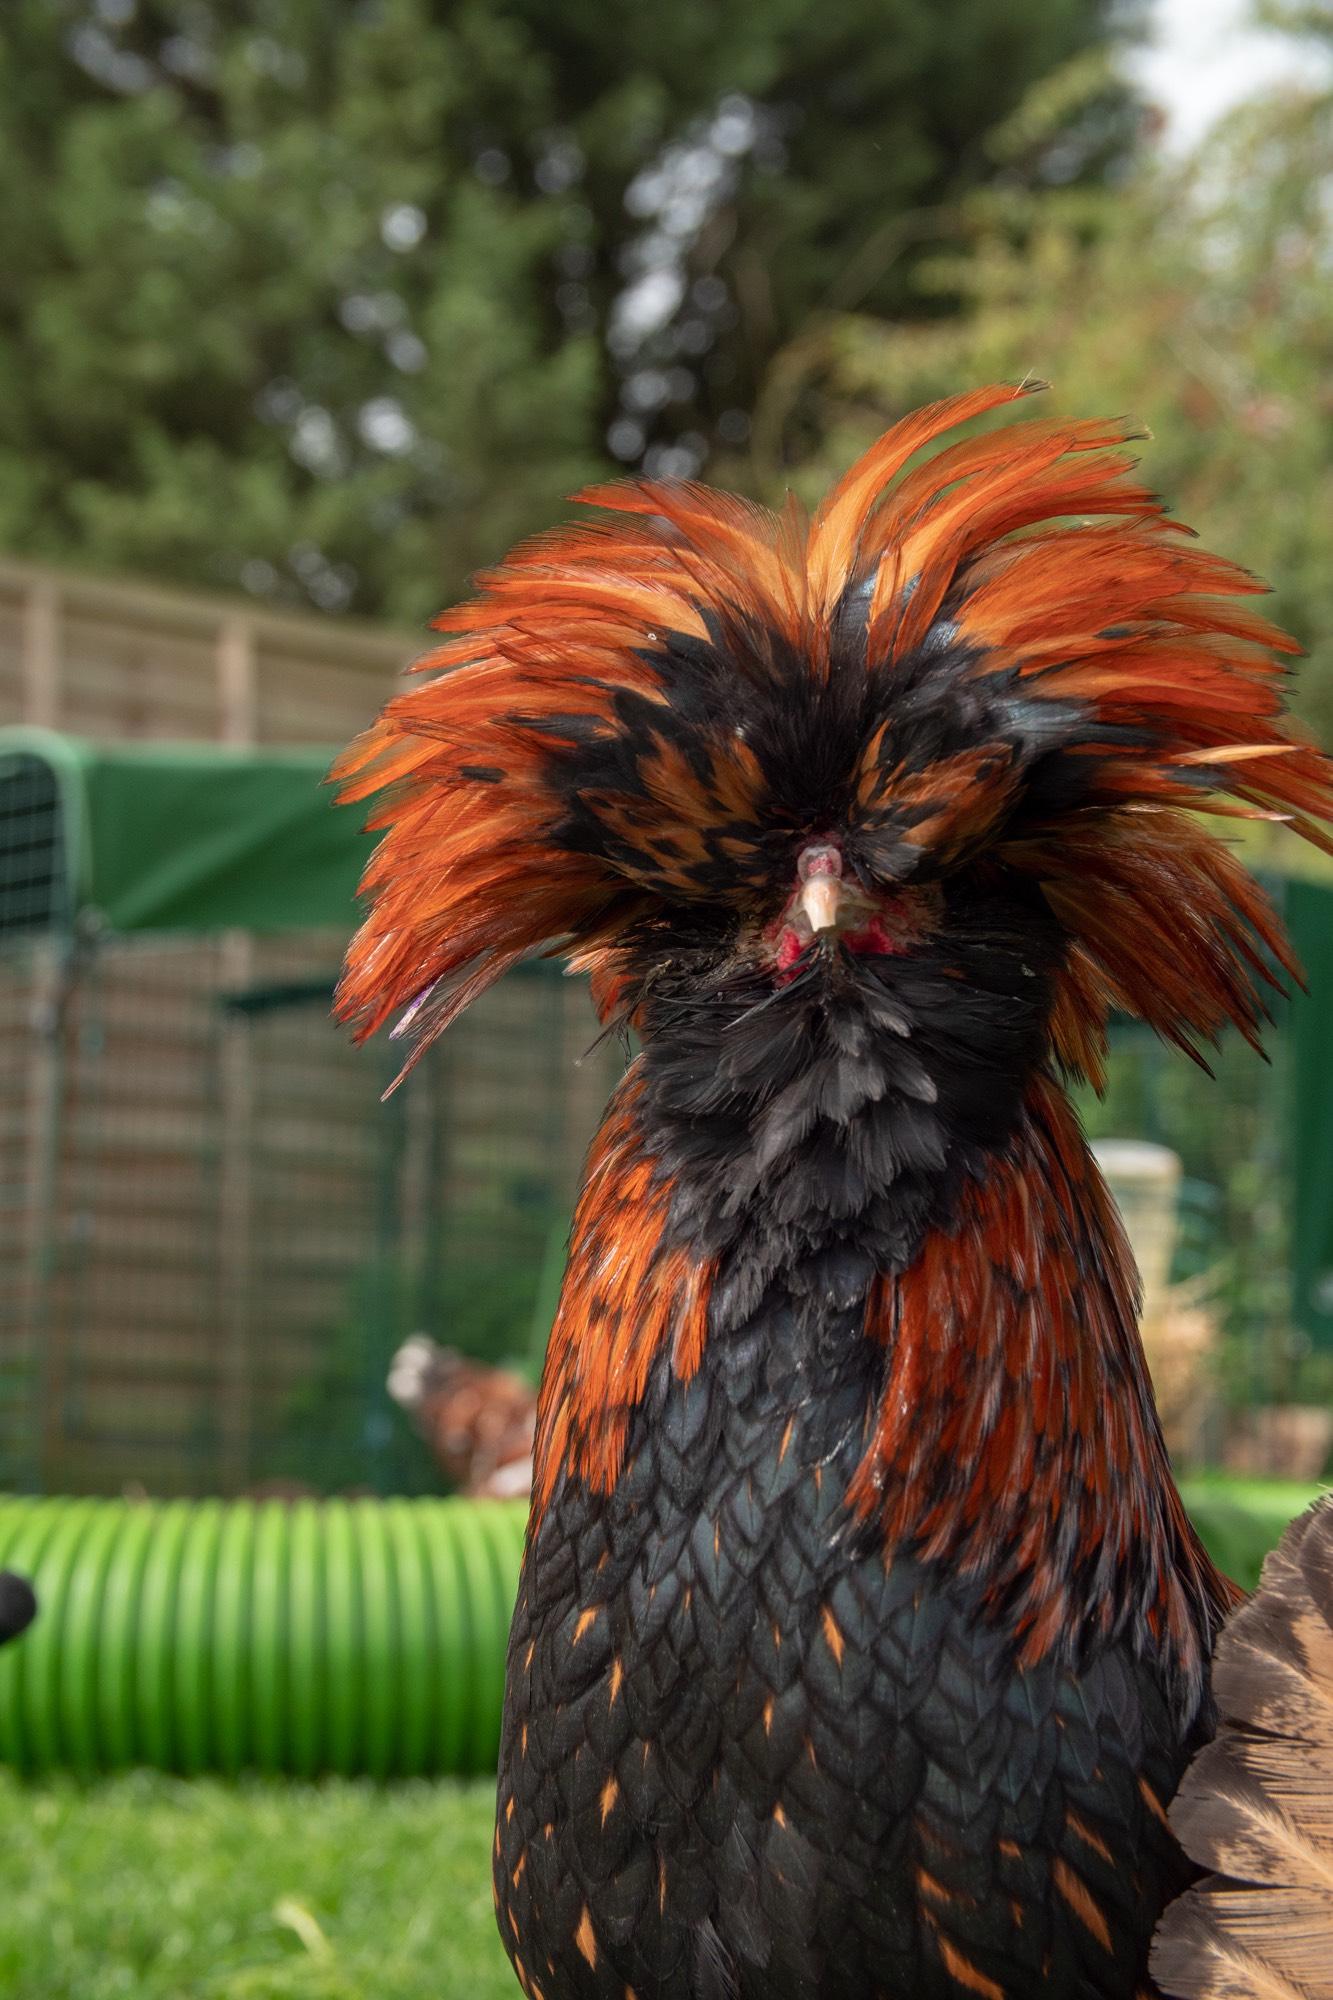 Een zwart-oranje kip met lange veren